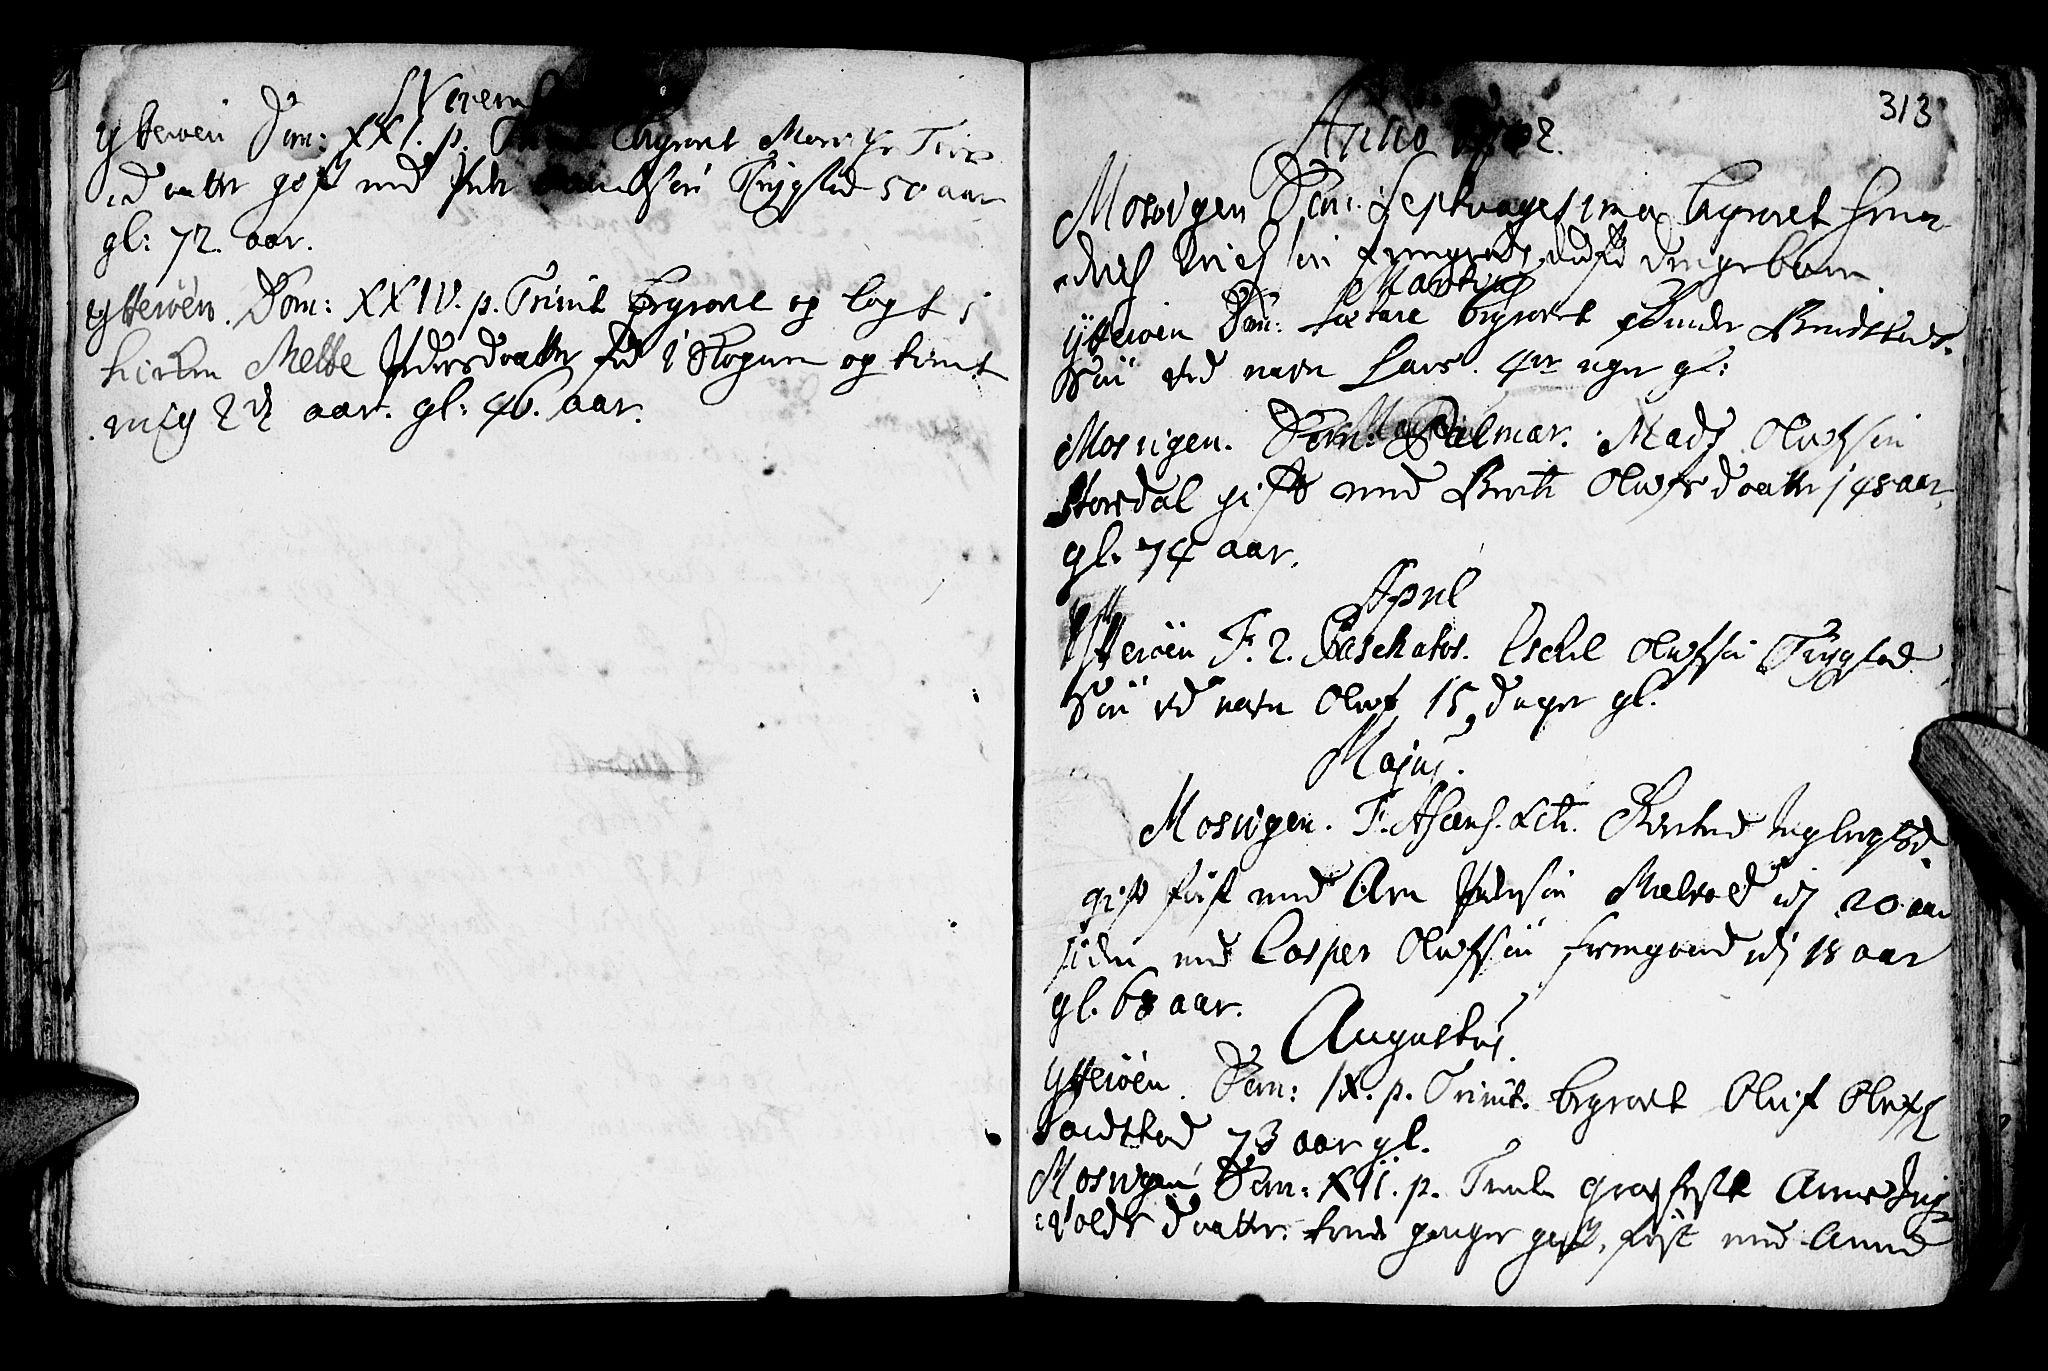 SAT, Ministerialprotokoller, klokkerbøker og fødselsregistre - Nord-Trøndelag, 722/L0215: Ministerialbok nr. 722A02, 1718-1755, s. 313